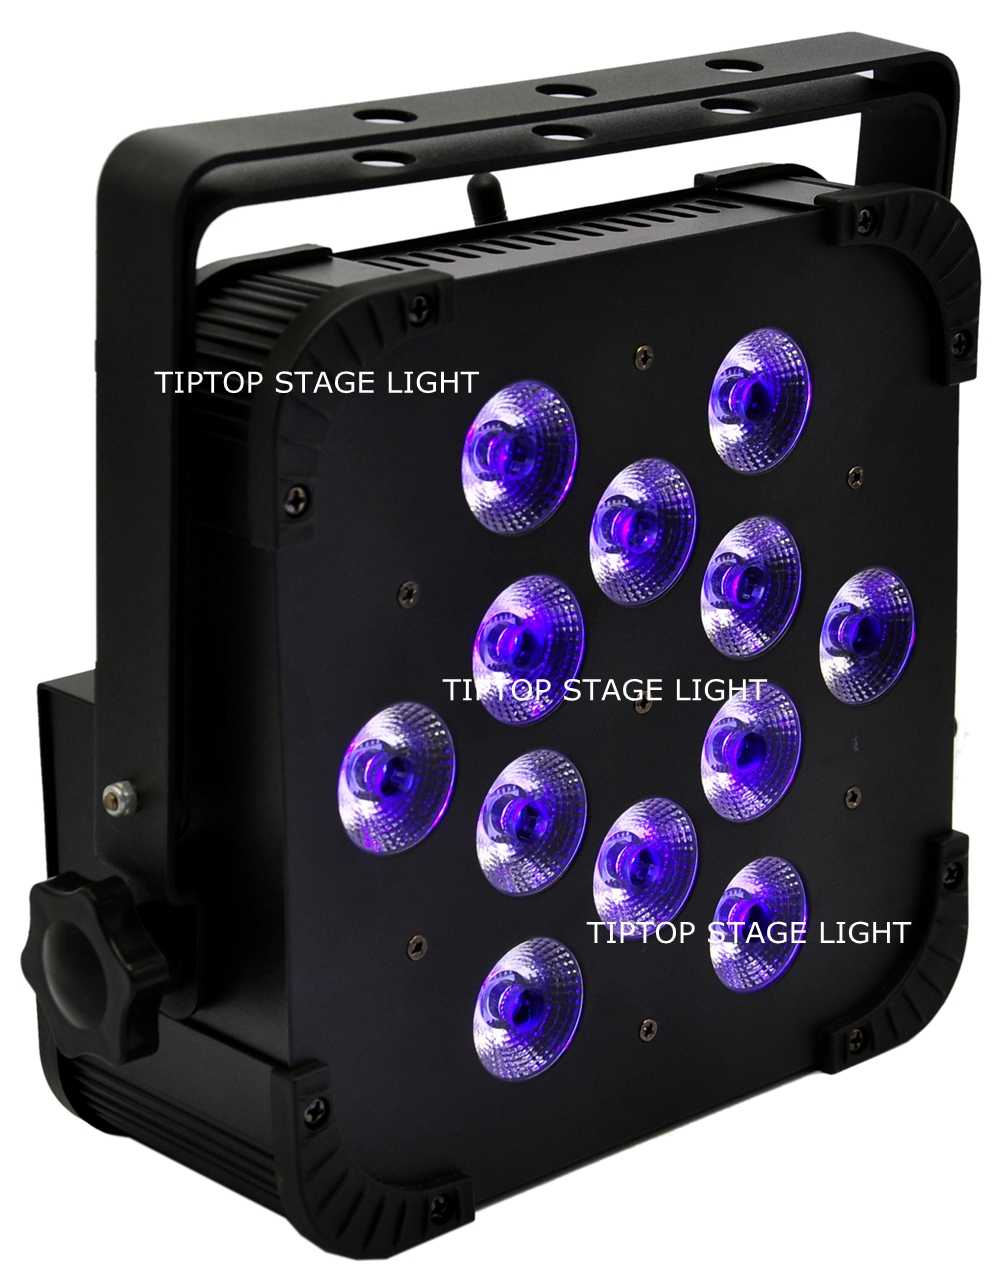 قوانغتشو TIPTOP الإضاءة اللاسلكية 18W 12 RGBWA UV LED الاسمية 64 LED ضوء المرحلة 2.4G مزدوجة المشابك DJ نادي 10IN1 Flightcase حزمة